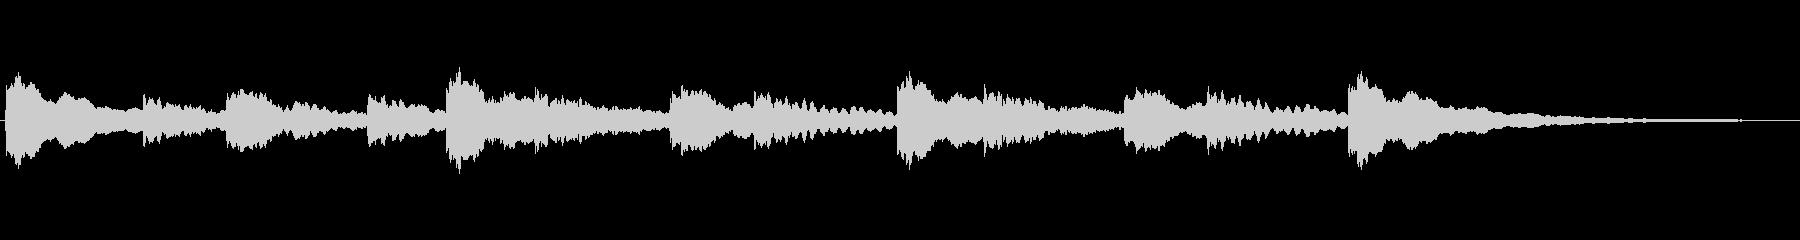 半音階(混乱・困惑・考え中)の未再生の波形